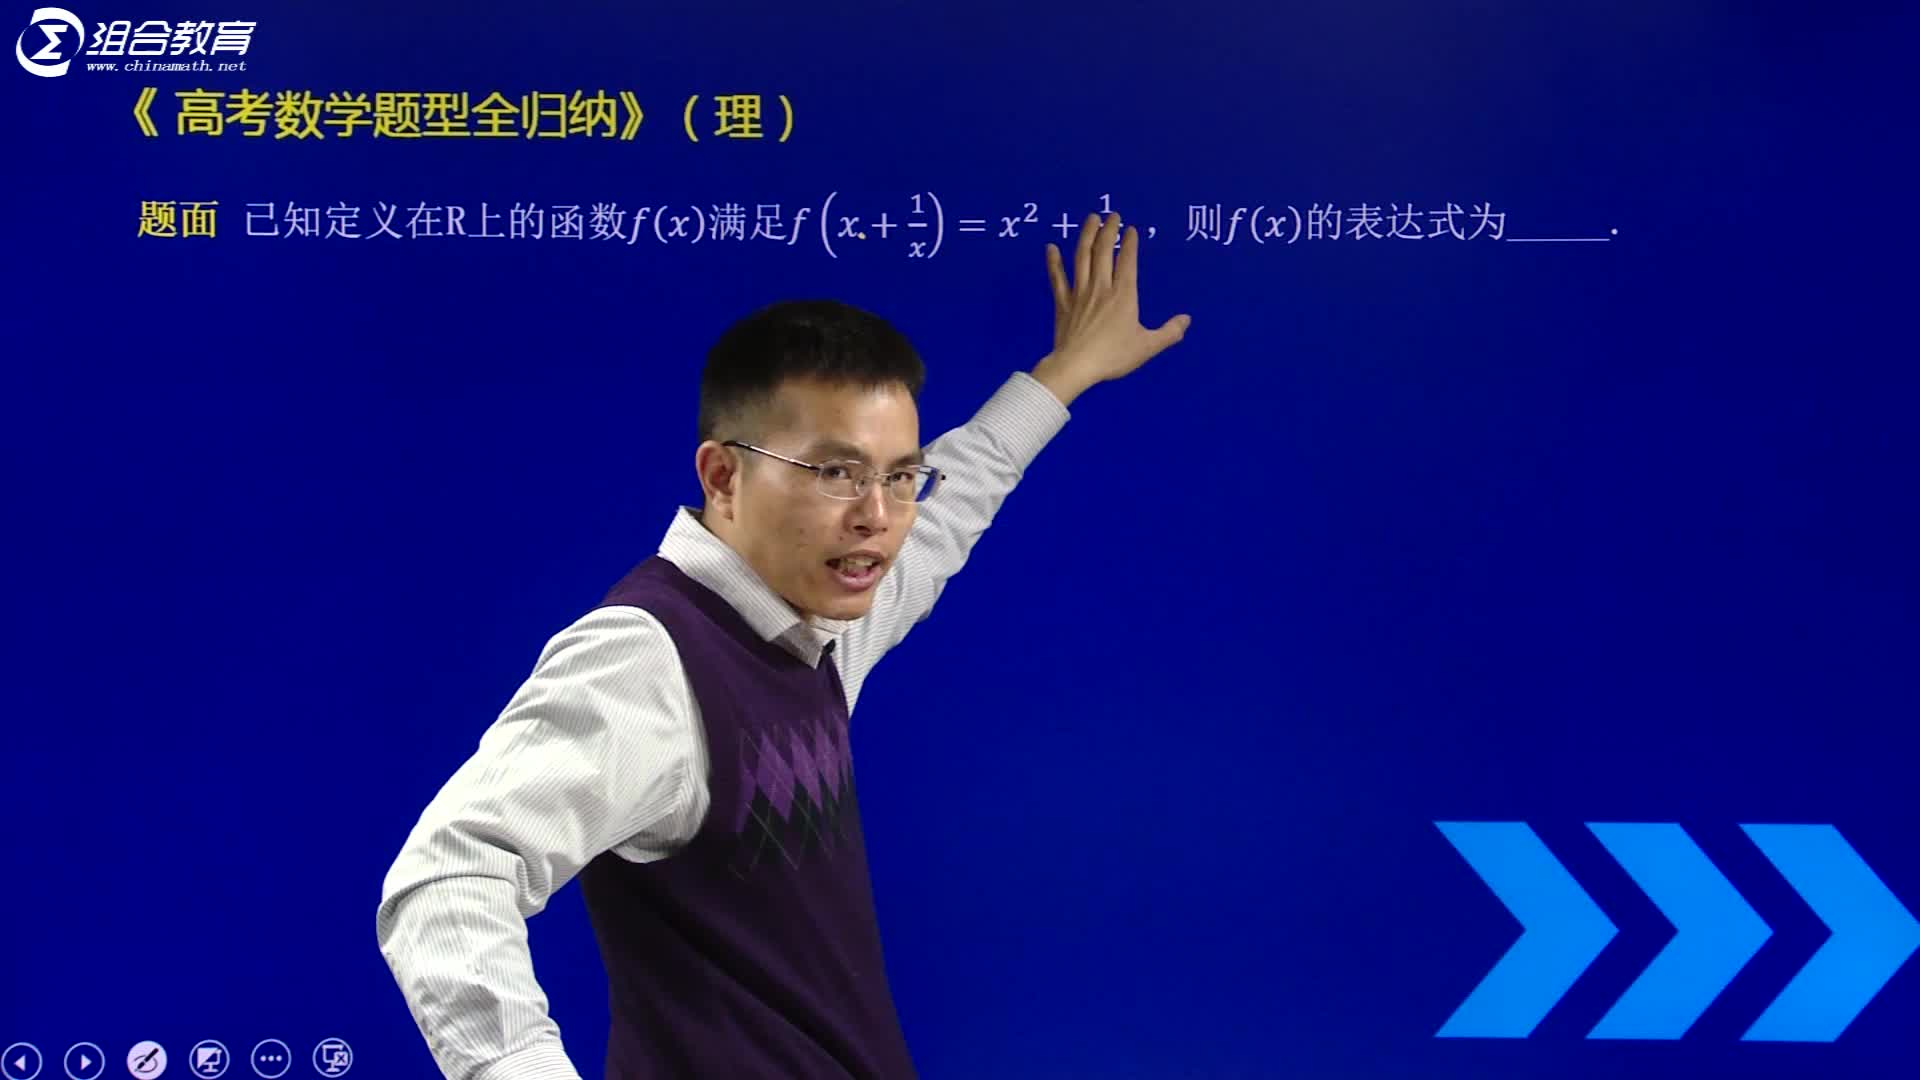 视频2.4 函数解析式的求法-【洞穿高考】2020版高考理科数学题型全归纳